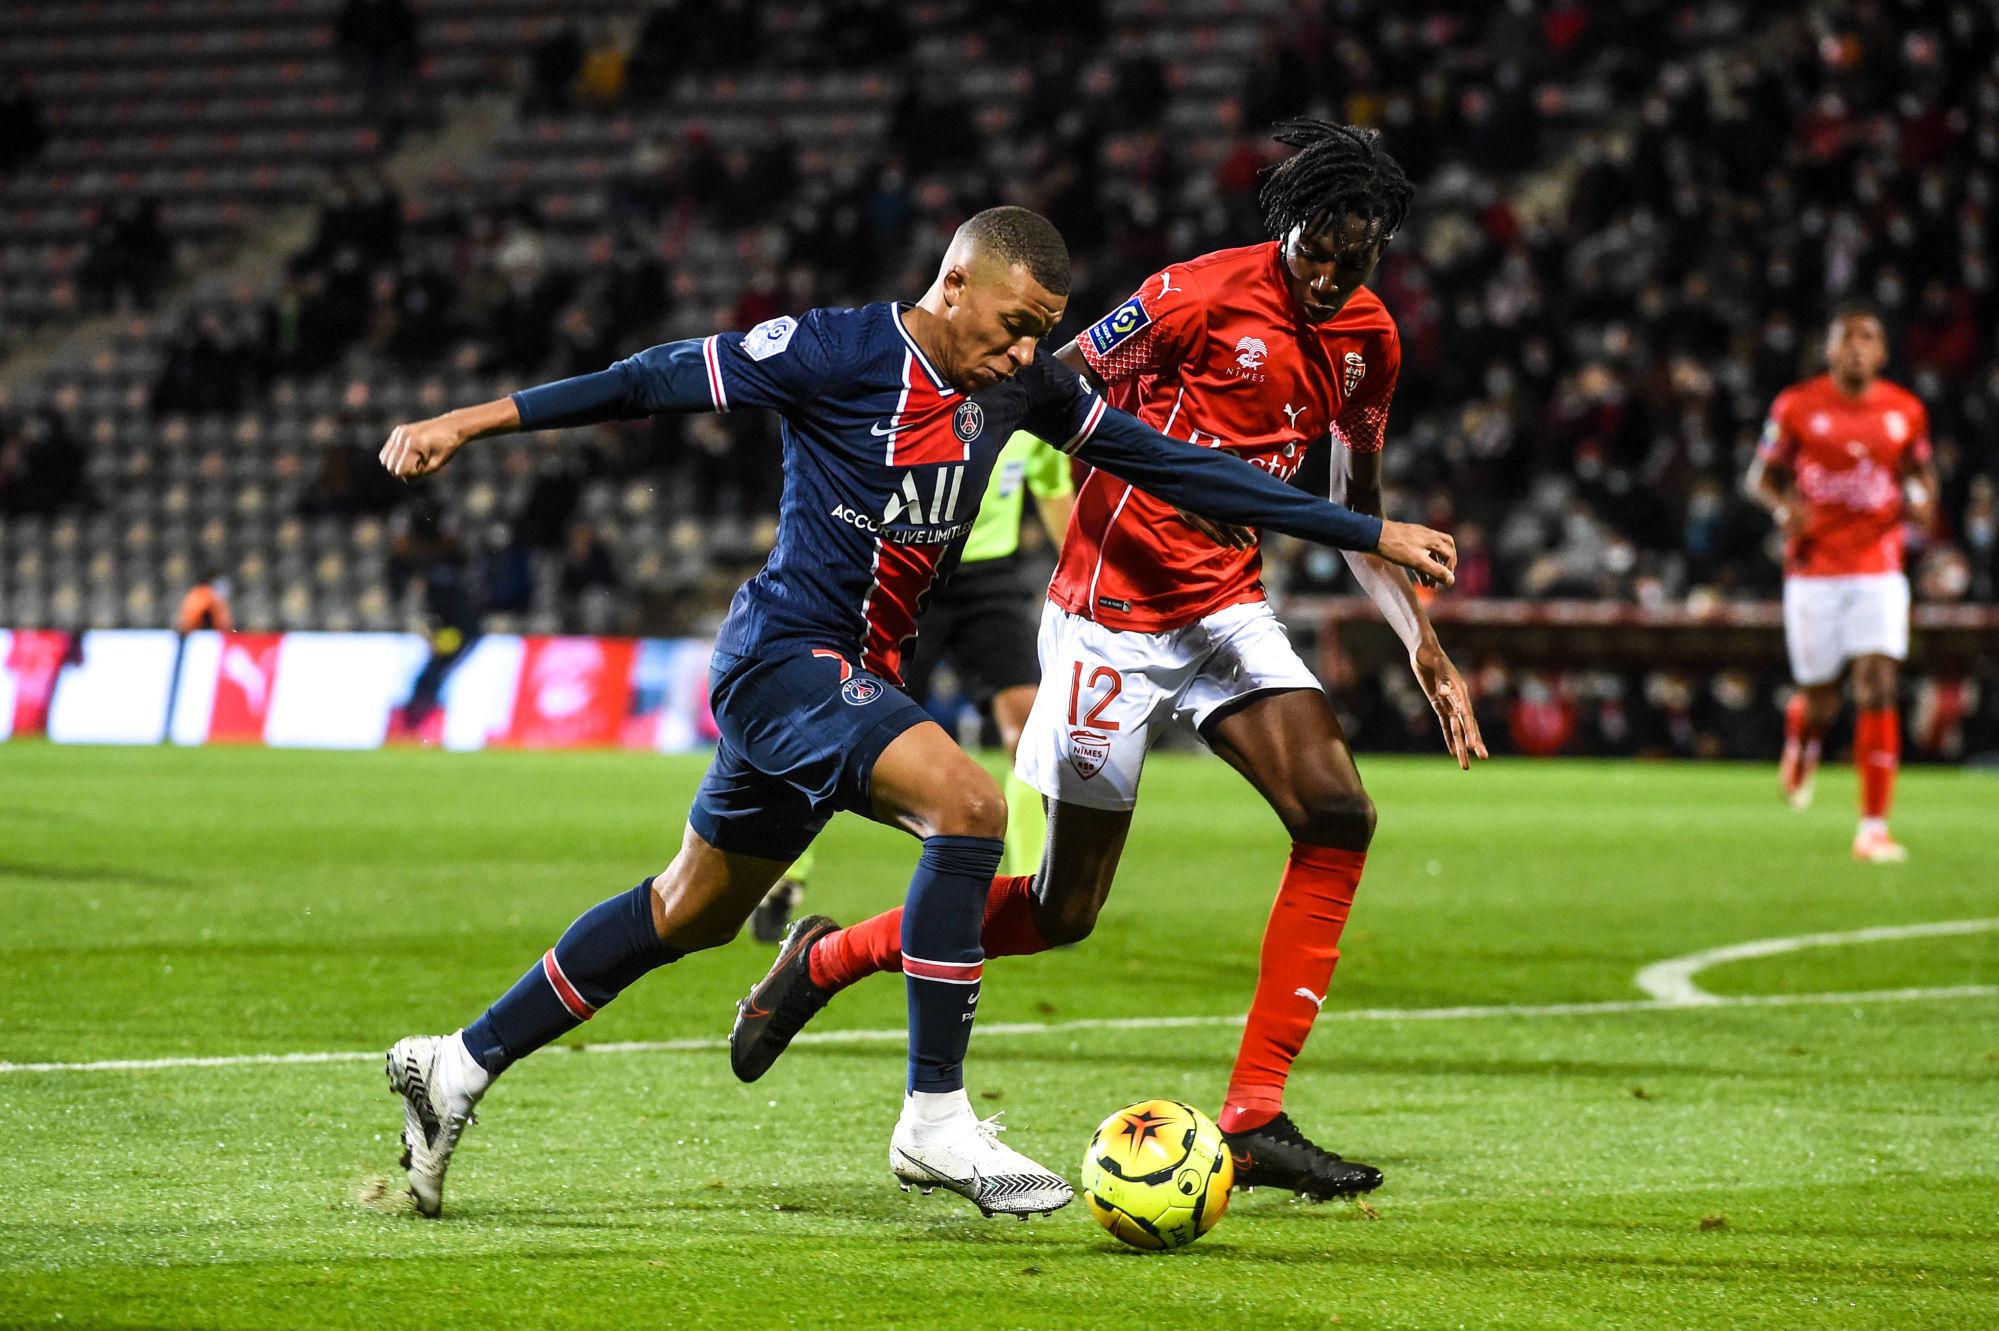 Mbappé devrait prendre exemple sur Henry et Cristiano Ronaldo, plutôt que Neymar selon Diaz